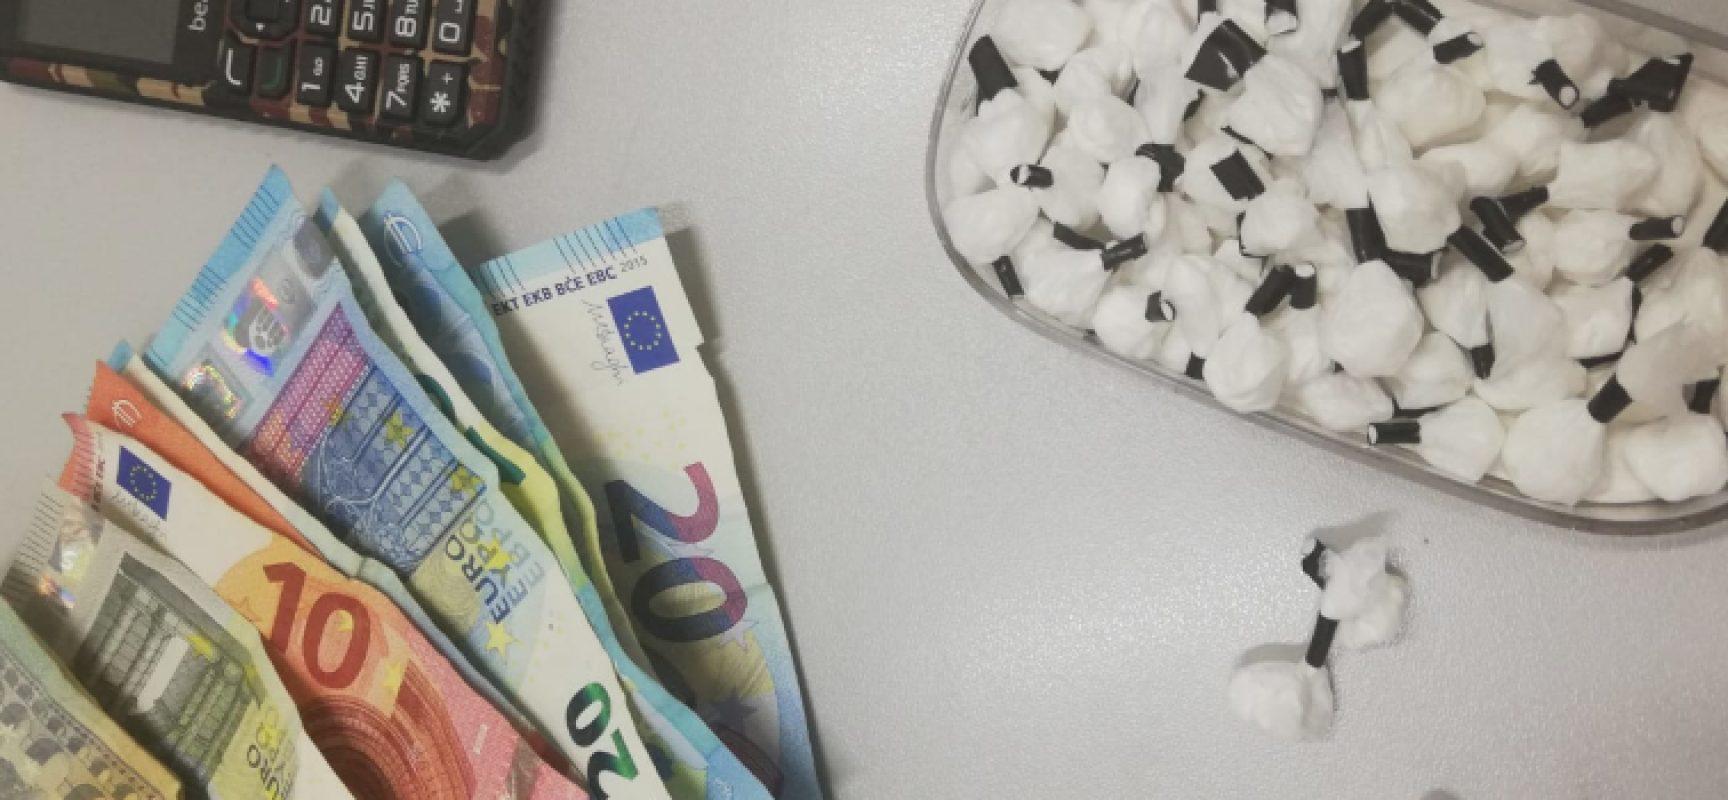 Quartiere san Pietro, nasconde cocaina tra i cespugli, arrestato 19enne